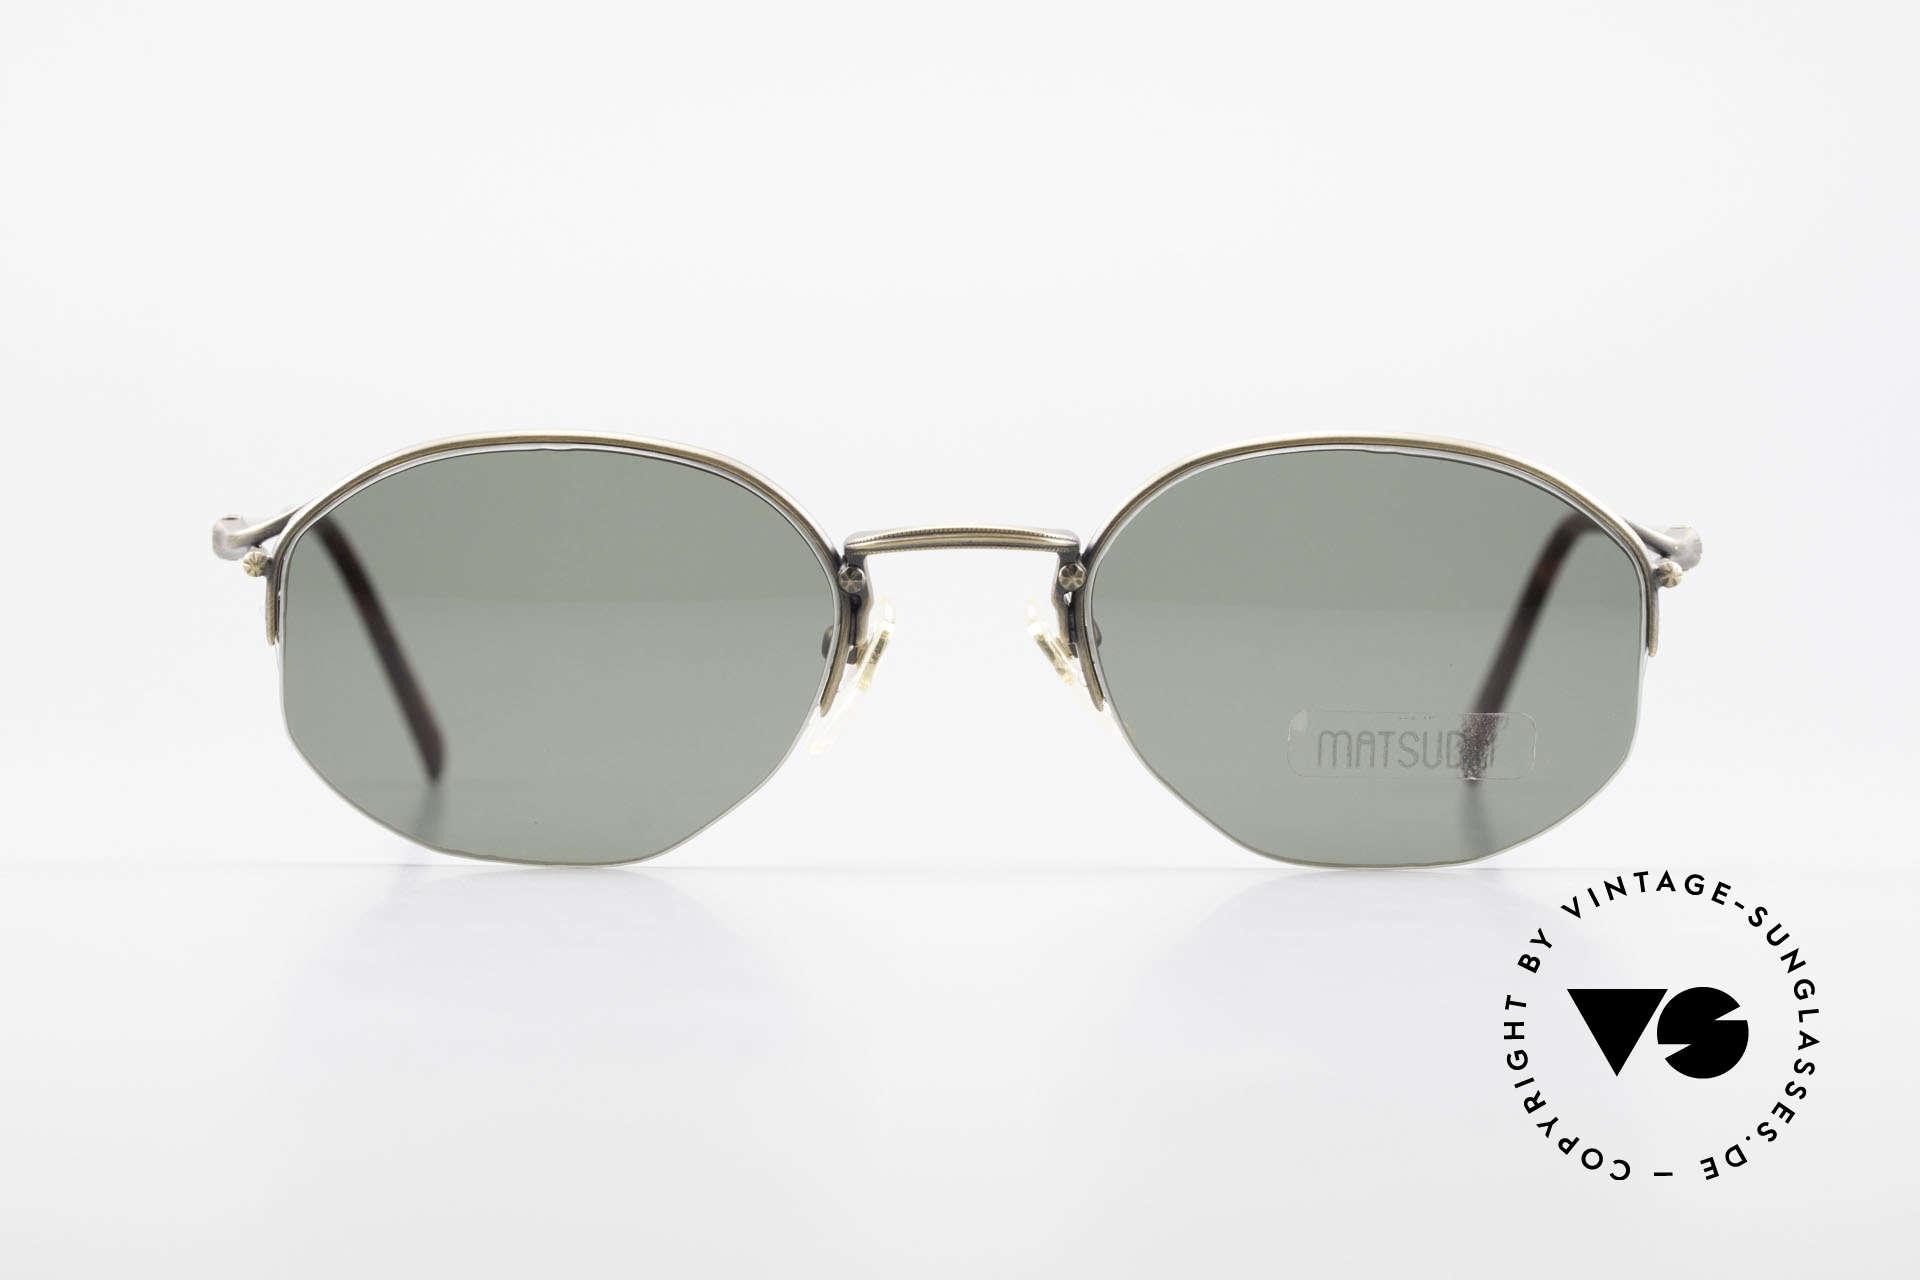 Matsuda 2855 Vintage Sonnenbrille Nylor, wirklich außergewöhnliche Rahmenkonstruktion, Passend für Herren und Damen